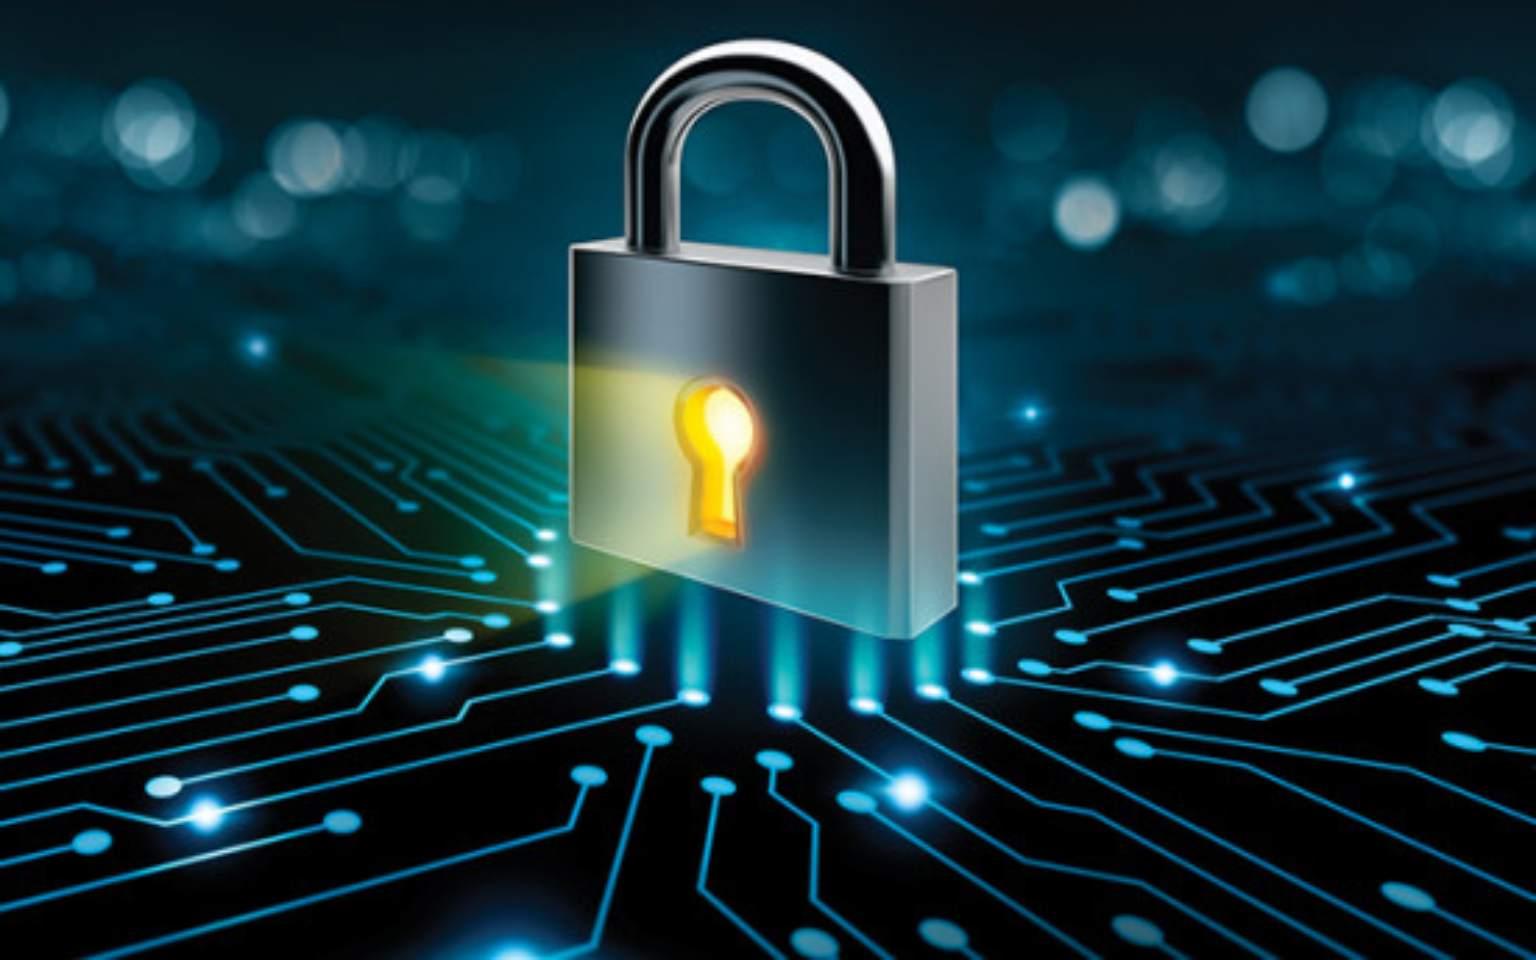 best antivirus software for cyber threats